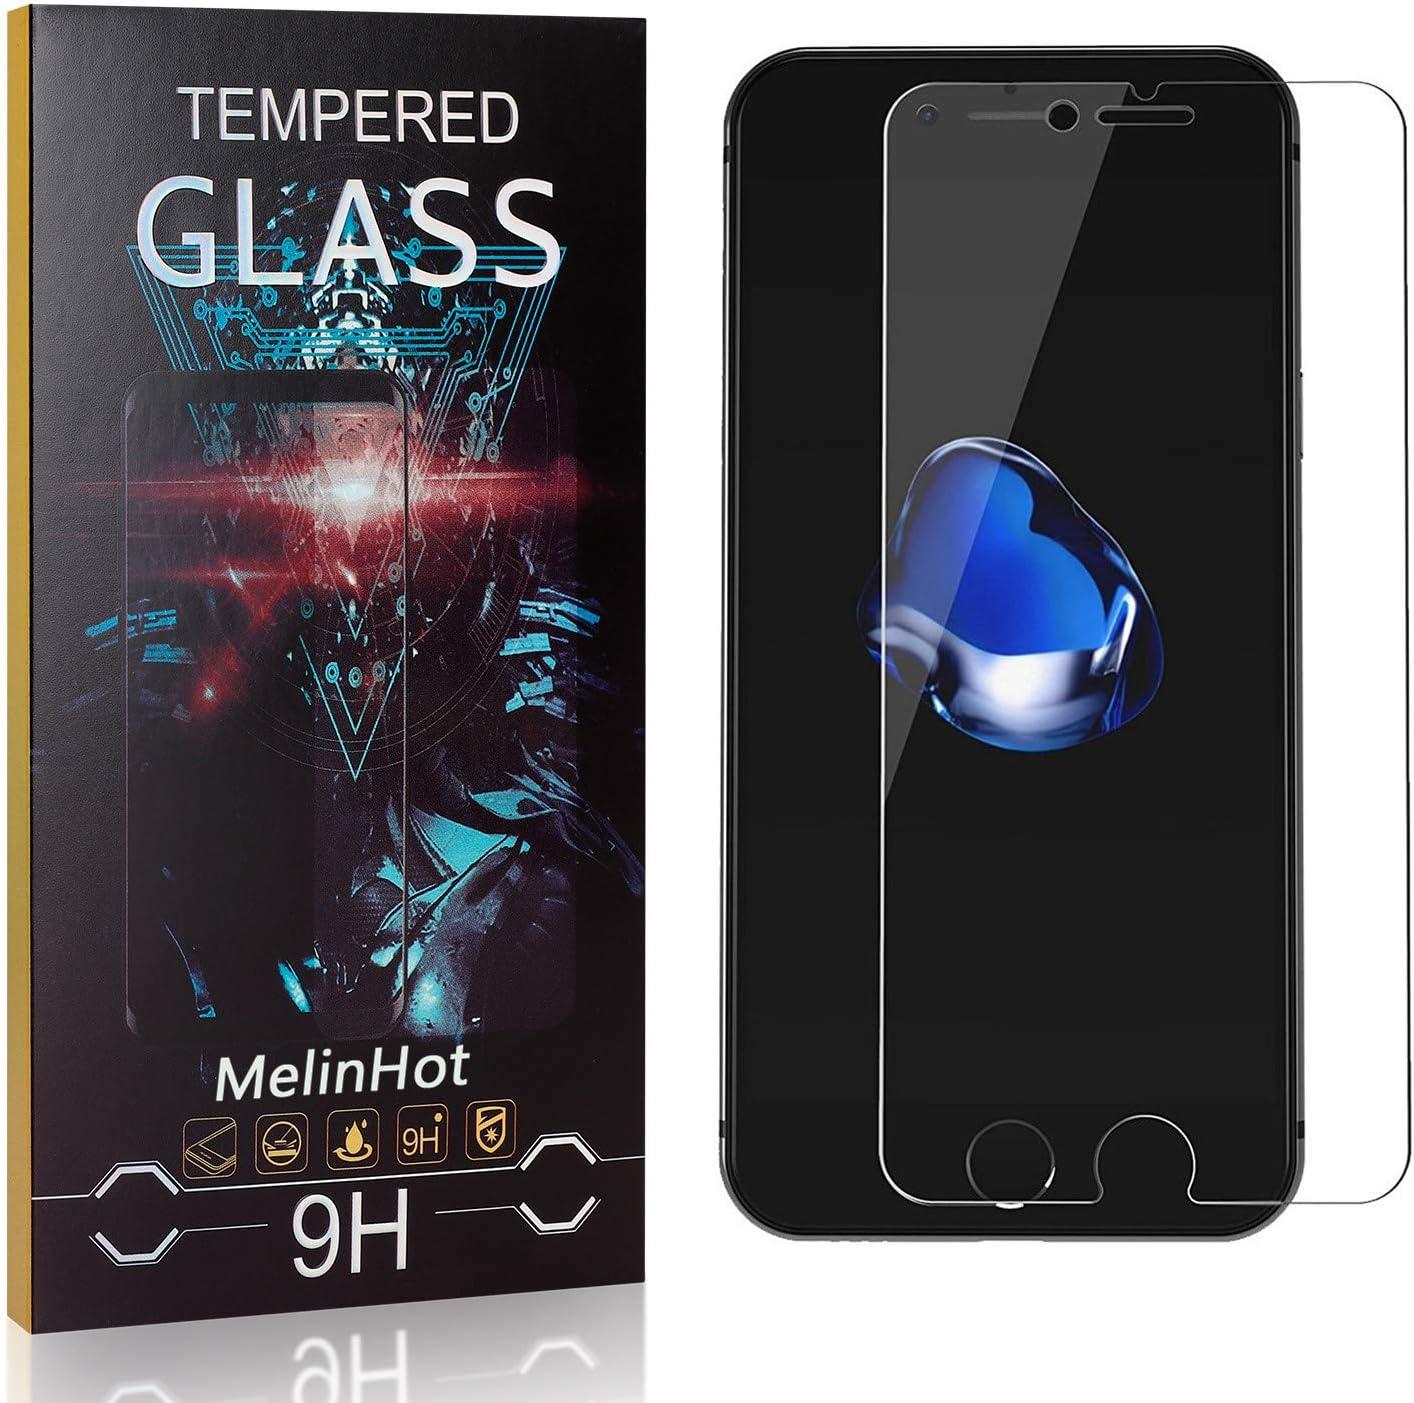 3D Touch Ultra R/ésistant Protection en Verre Tremp/é /Écran pour iPhone XS//iPhone X MelinHot Verre Tremp/é pour iPhone XS//iPhone X 1 Pi/èces sans Traces de Doigts